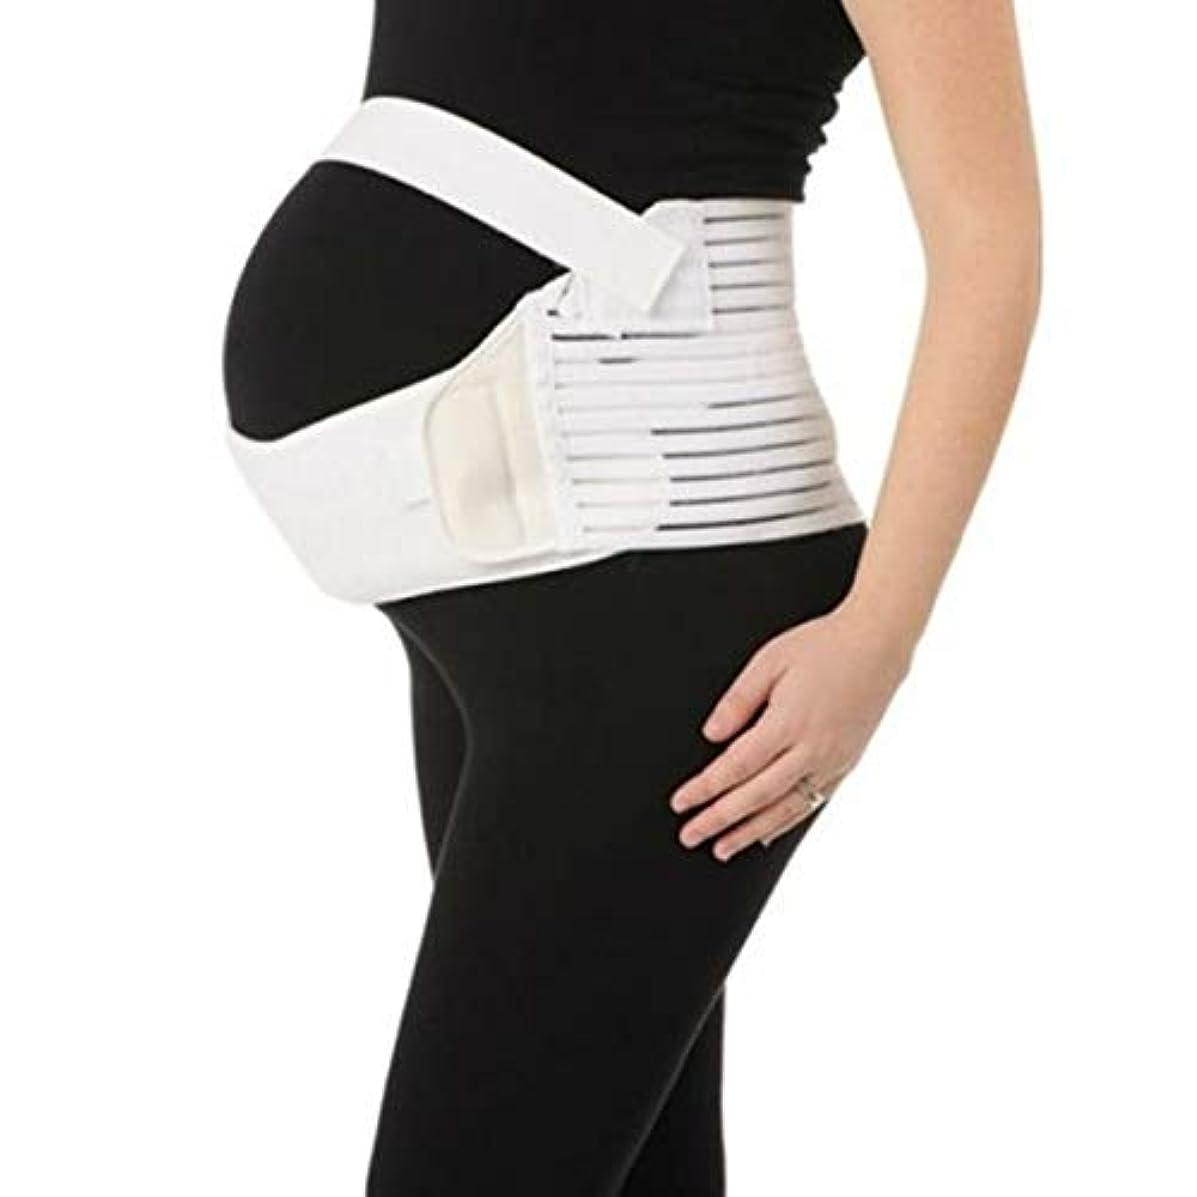 グラスレキシコンオーナメント通気性産科ベルト妊娠腹部サポート腹部バインダーガードル運動包帯産後の回復形状ウェア - ホワイトM